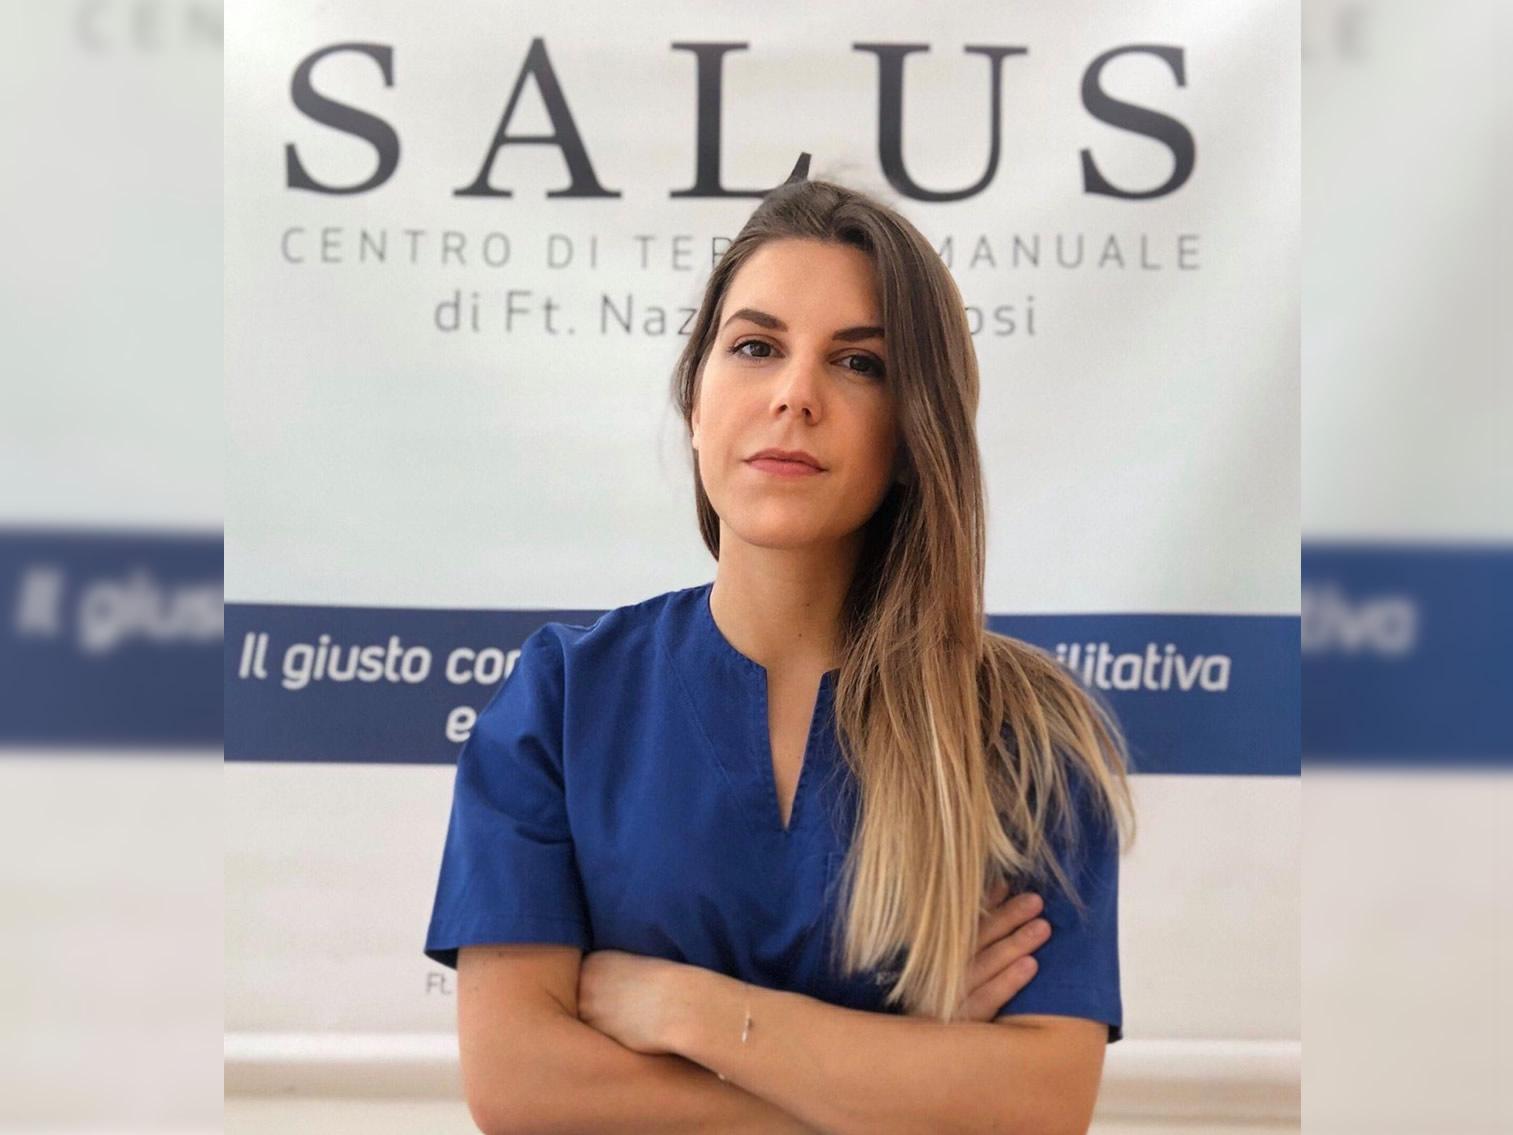 Vedi il Curriculum Elisa Rosi - Laurea in Scienze Motorie e Sportive Elisa Rosi Laurea in Scienze Motorie e Sportive